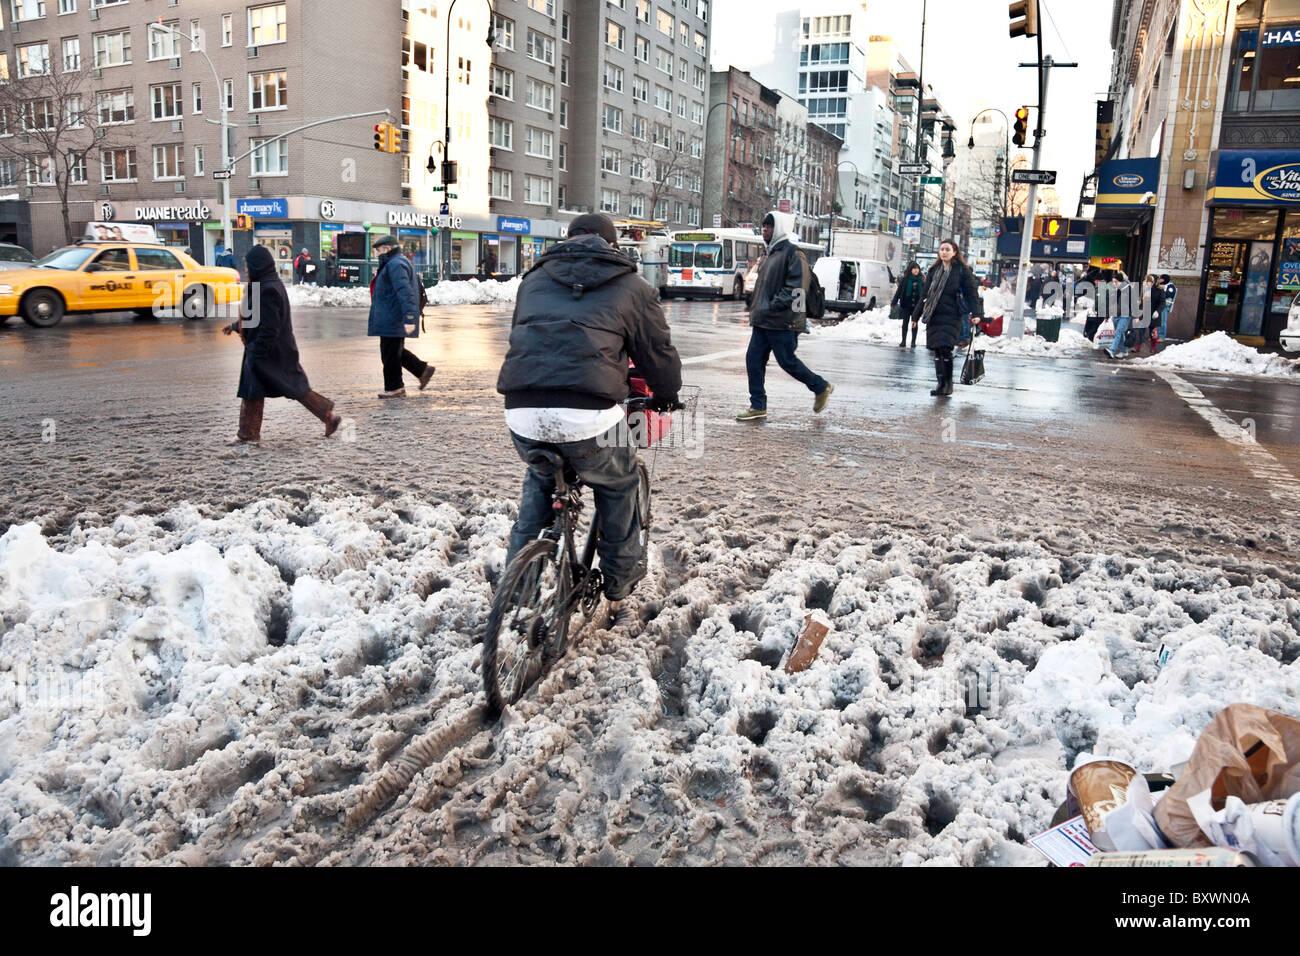 Ciclista esegue lo zoom attraverso l'angolo di strada granite sulla quattordicesima strada a sinistra da dicembre Immagini Stock